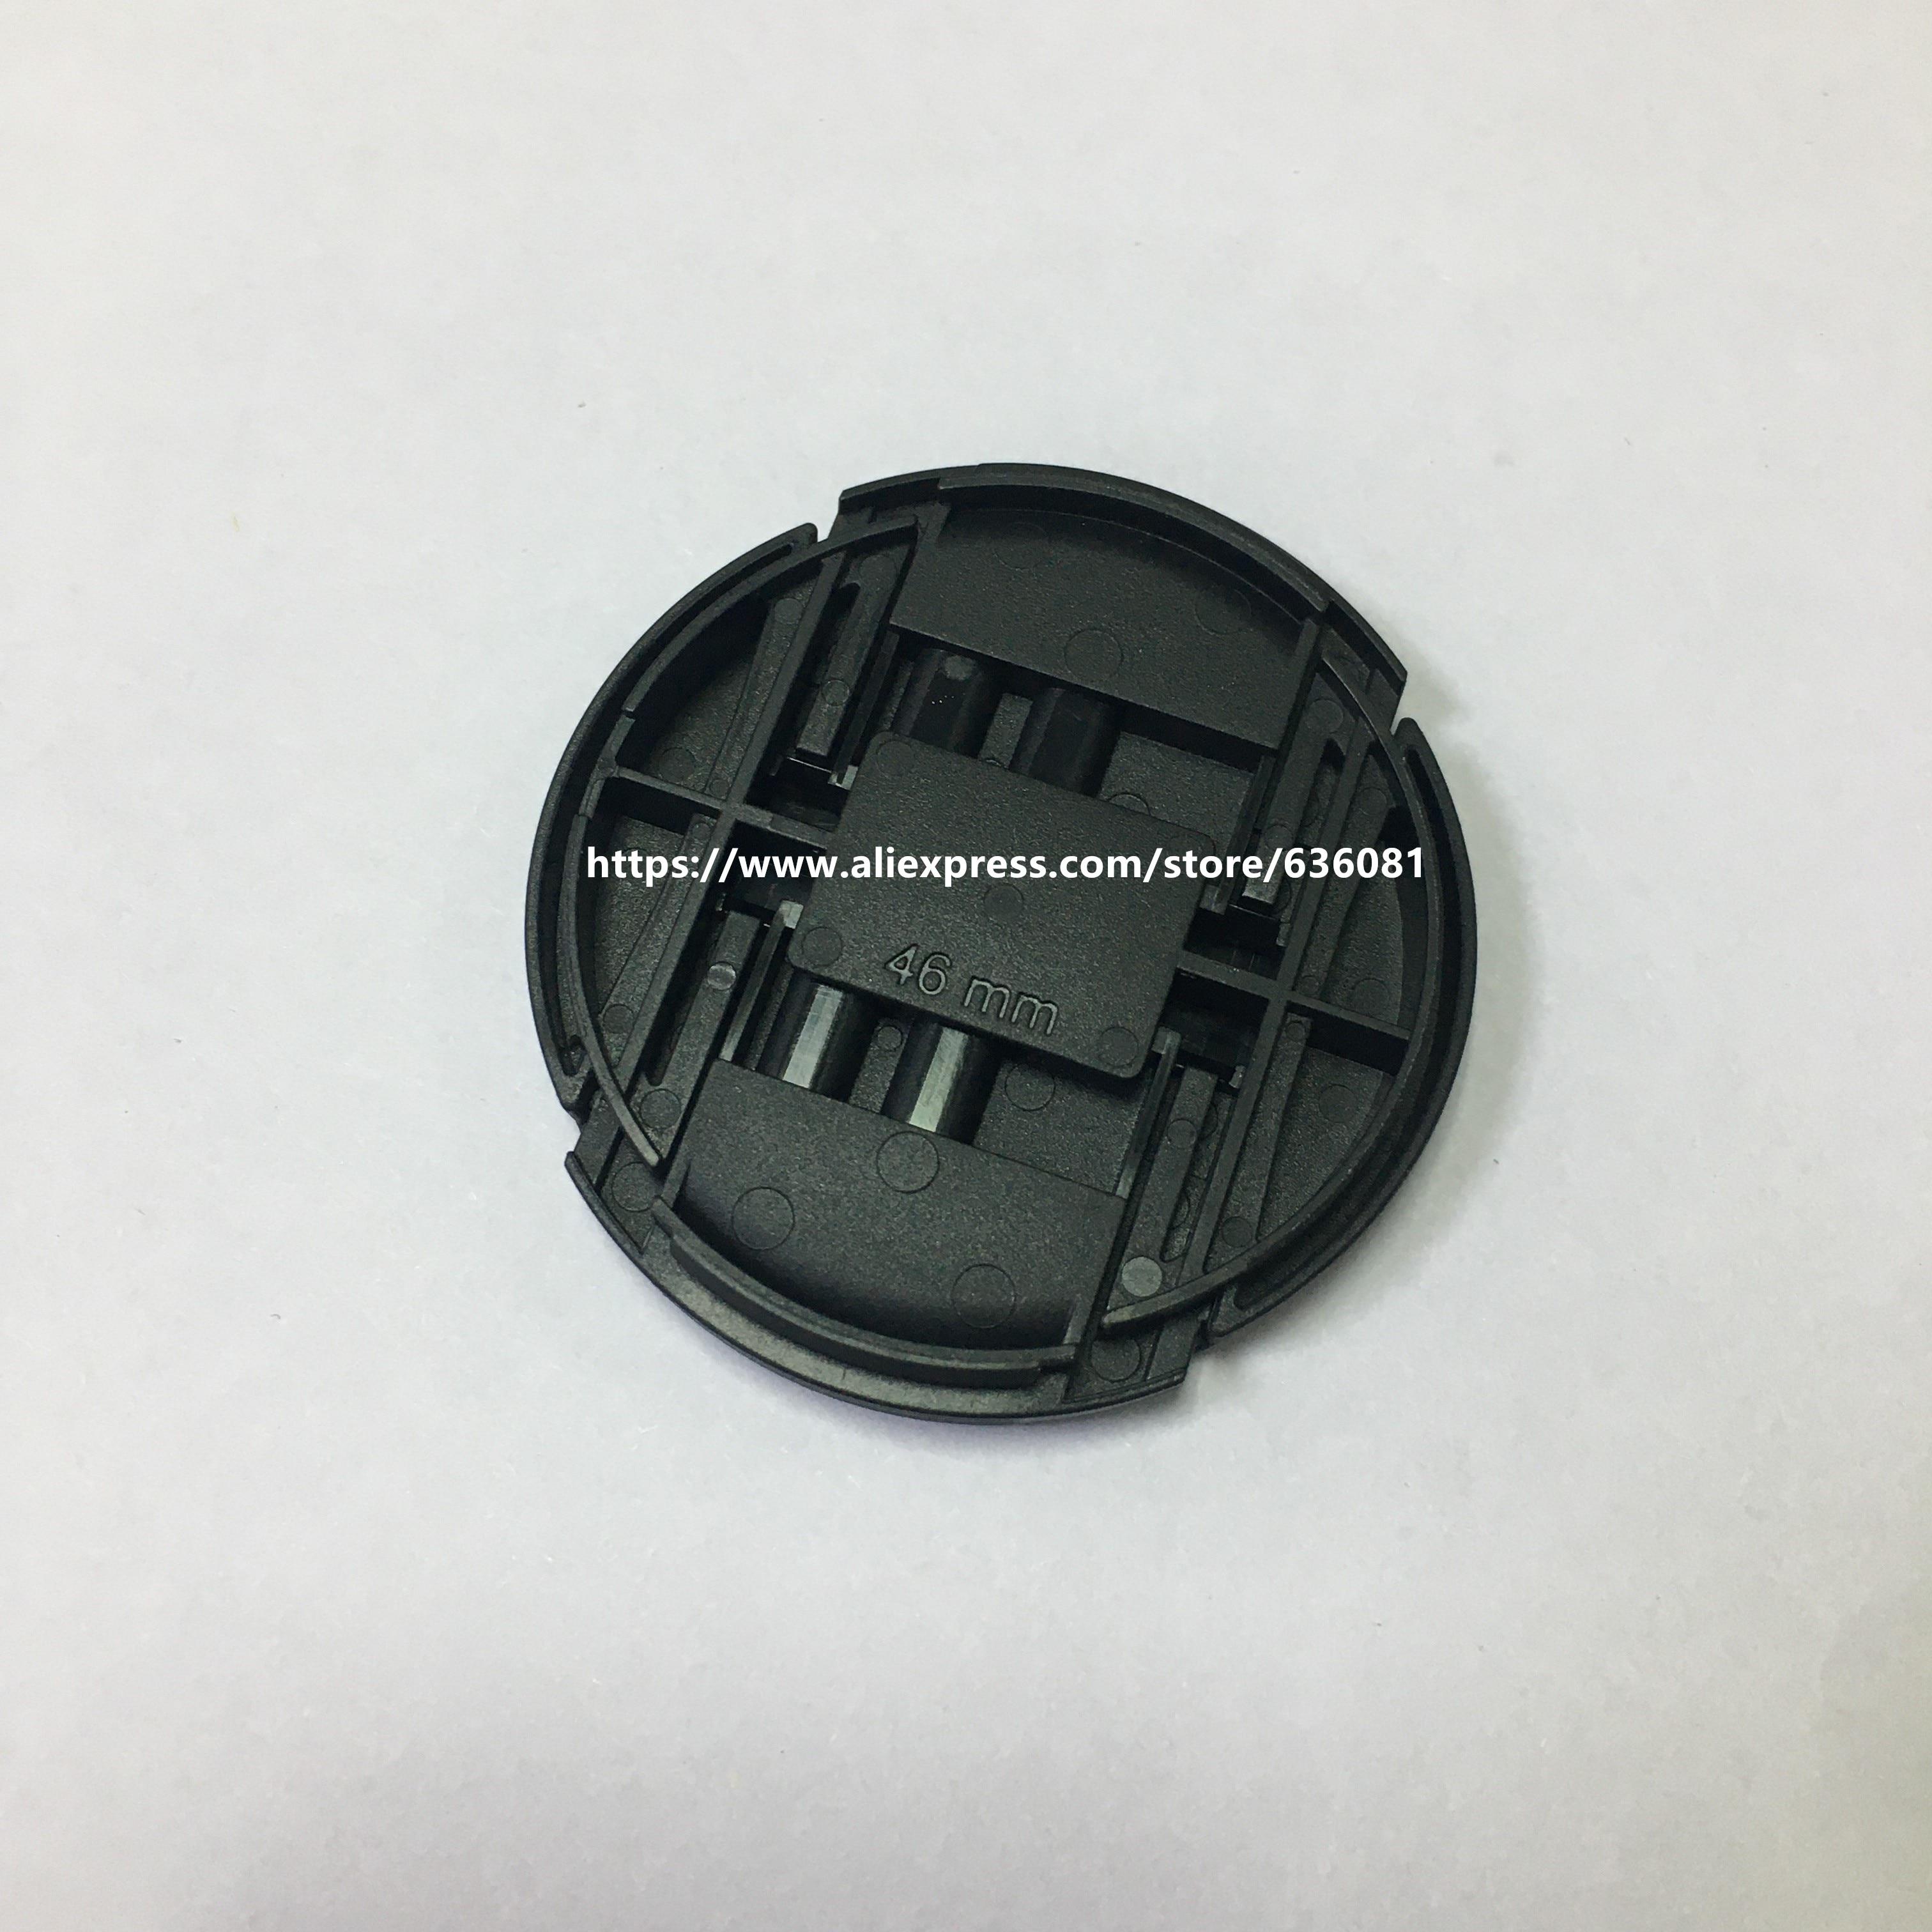 Panasonic 46mm SYF0073 Lens Cap for H-H025 Lumix G 25mm F1.7 Lenses